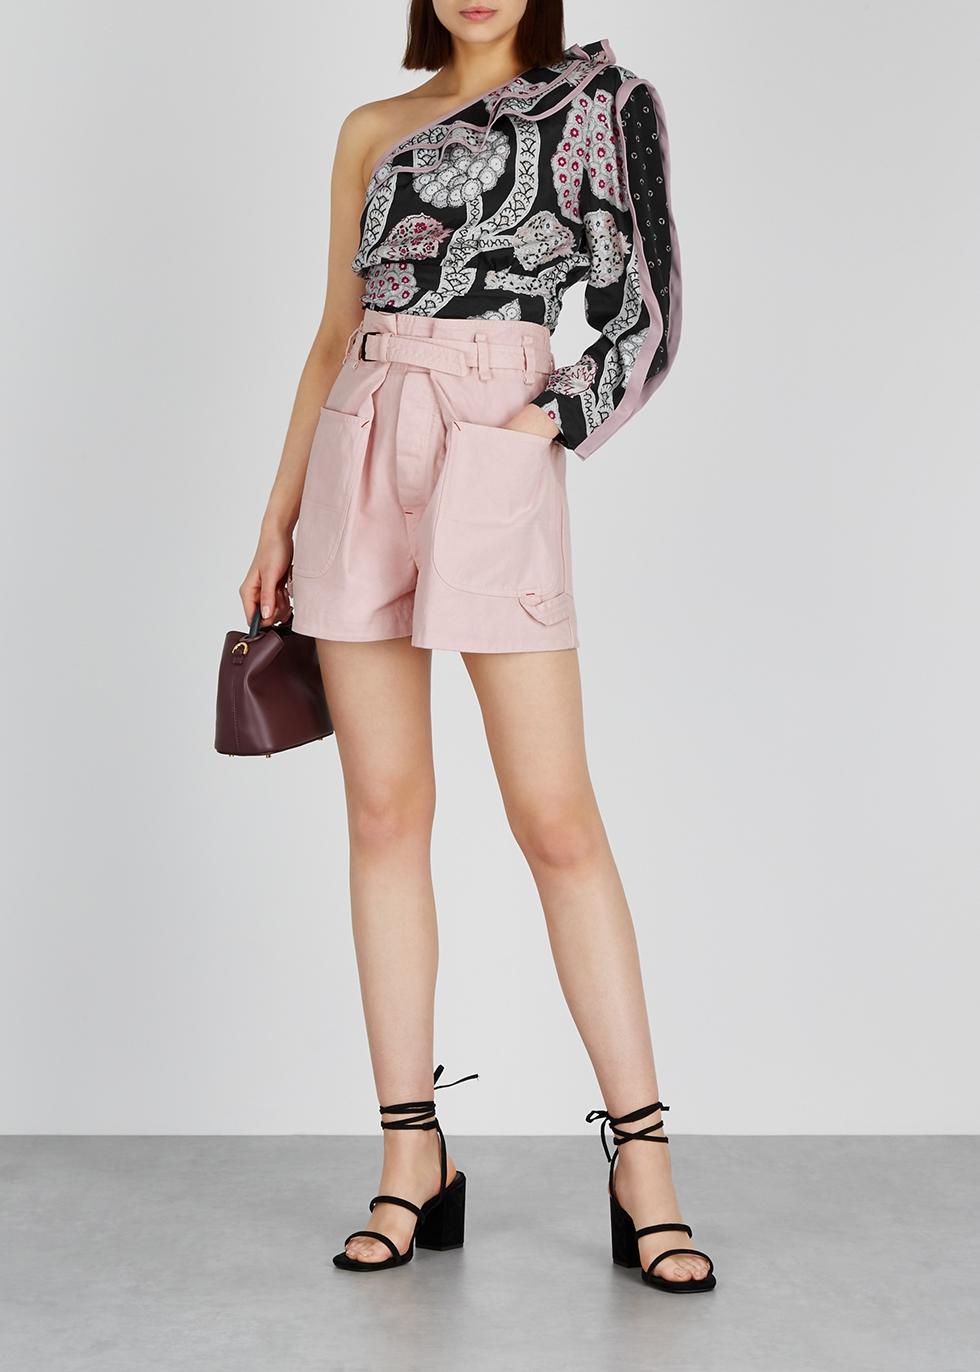 Ike pink denim shorts - Isabel Marant